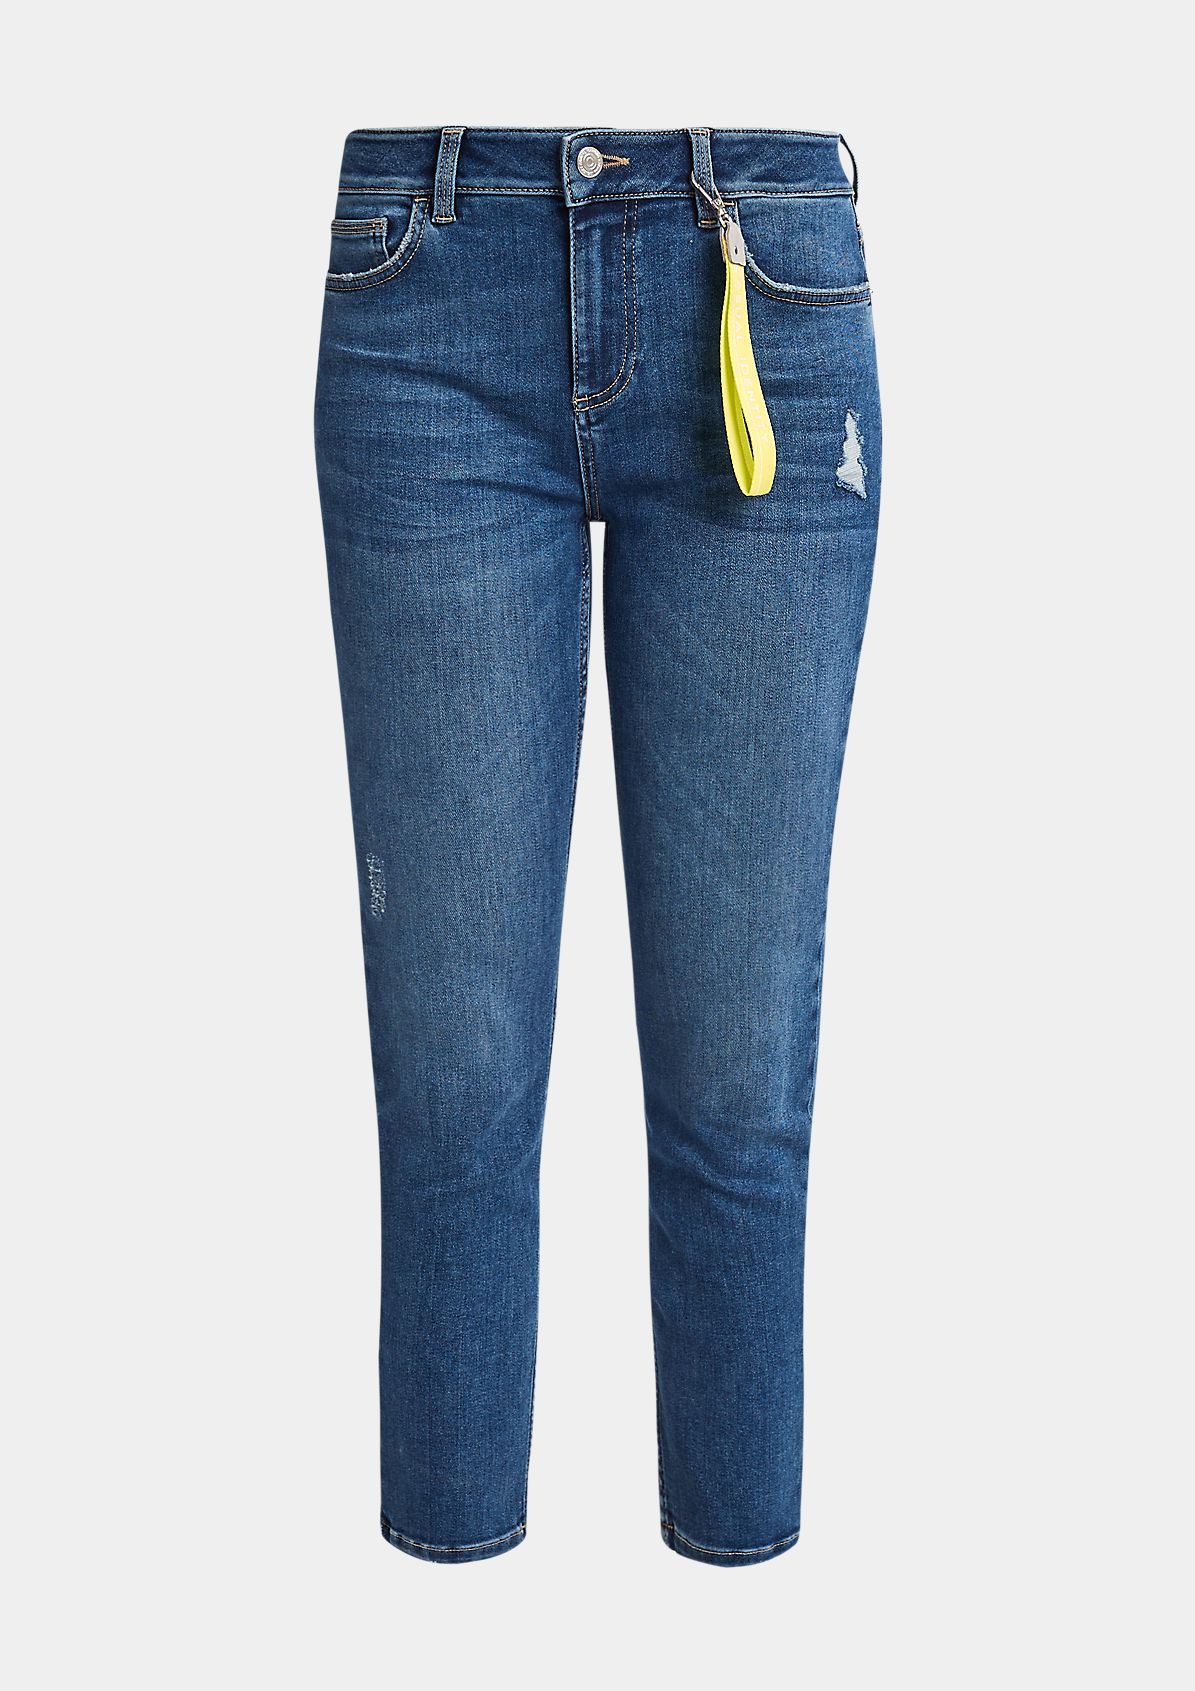 Jeans mit Schlüsselanhänger